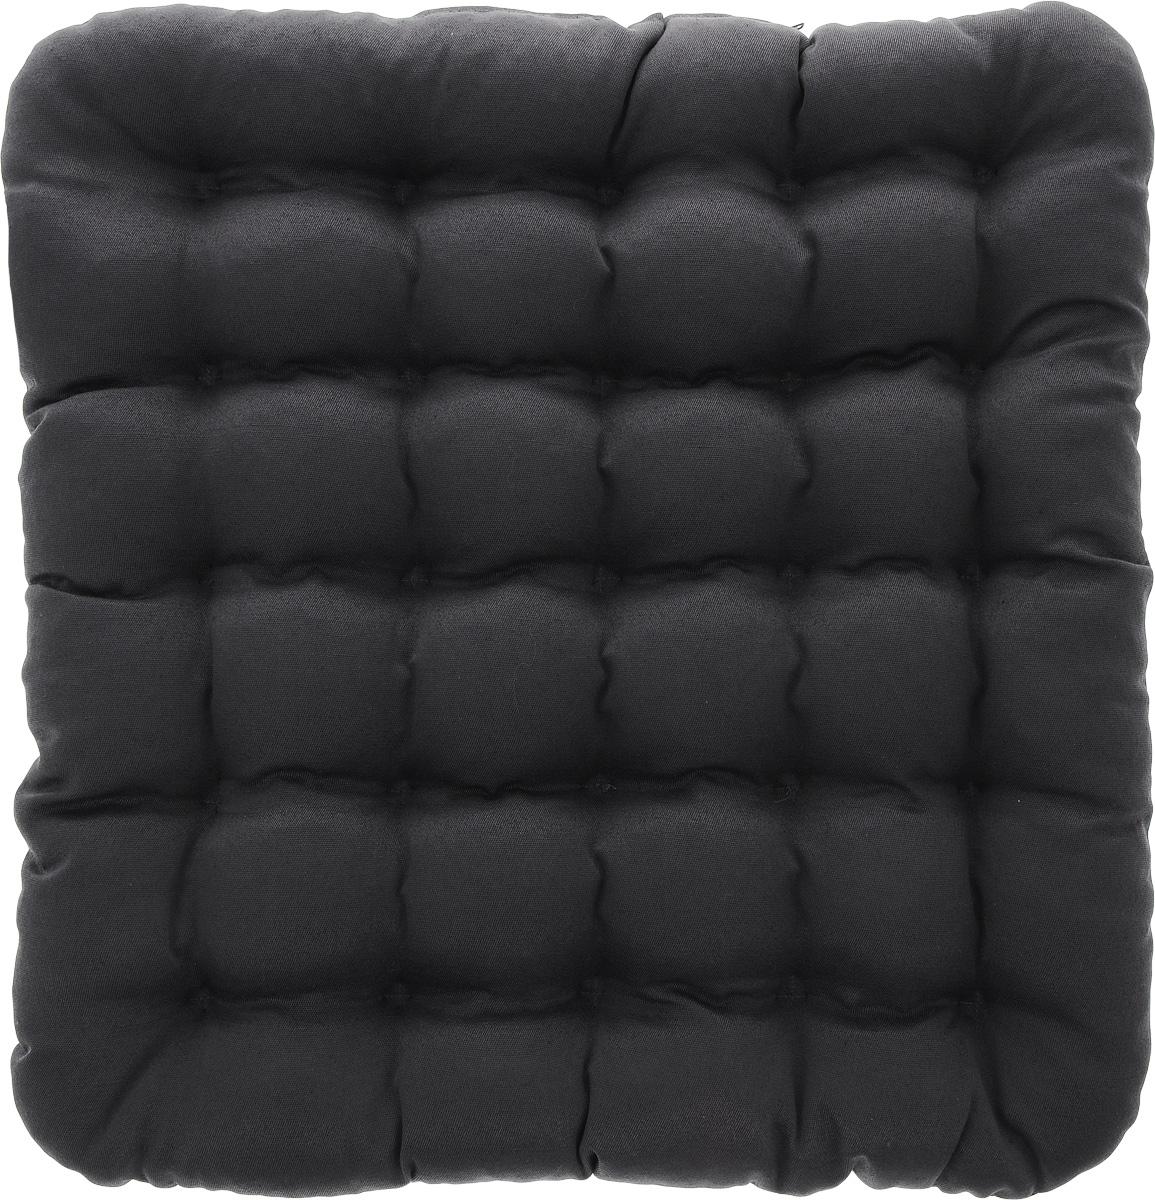 Подушка на стул Smart Textile Уют, наполнитель: лузга гречихи, 40 х 40 см1004900000360Квадратная подушка Smart Textile Уют выполнена из хлопчатобумажной ткани и полиэстера, внутри - наполнитель из лепестков гречишной лузги. Изделие простегано на ячейки, тем самым обеспечивая еще больший массажный эффект, а плотная износостойкая ткань хорошо удерживает наполнитель, сохраняет форму и обеспечивает долгий срок службы.Такая подушка обладает множеством полезных качеств:- Хорошо проветривается;- Предупреждает потение;- Поддерживает комфортную температуру; - Обминается по форме тела; - Обеспечивает микромассаж; - Улучшает кровообращение;- Исключает затечные явления;- Предупреждает развитие заболеваний, связанных с сидячим образом жизни. Подушка Smart Textile Уют прекрасно подходит для любых стульев и кресел. Застежка-молния позволяет регулировать плотность наполненности подушки. Подушка упакована в пластиковую сумку-чехол на застежке-молнии с ручкой для комфортной переноски и хранения. Рекомендации по уходу: - Стирка запрещена,- Нельзя отбеливать,- Не гладить,- Химчистка только с использованием углеводорода, хлорного этилена,- Сушить на горизонтальной поверхности. Материал чехла: смесовая ткань (51% хлопчатобумажная ткань, 49% полиэстер). Материал наполнителя: лузга гречихи.